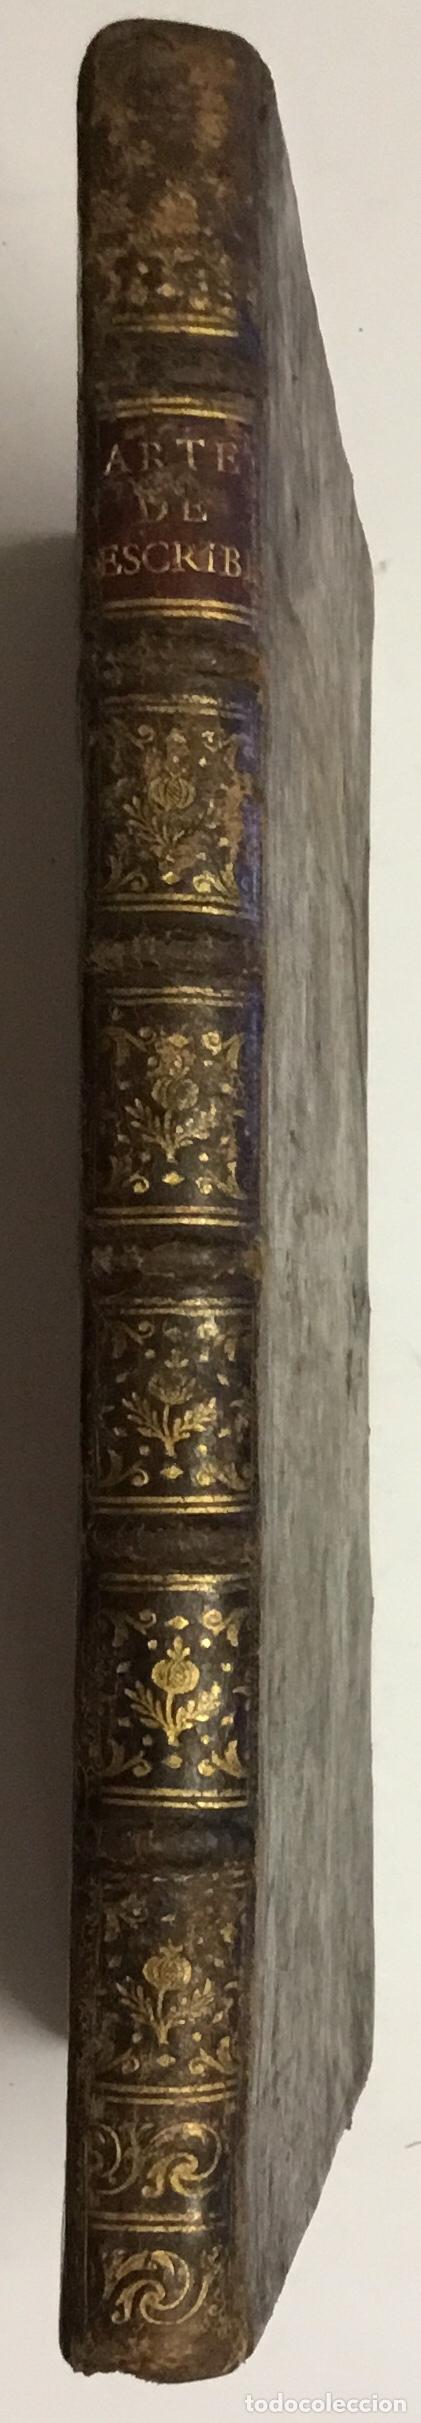 Libros antiguos: PALOMARES. ARTE NUEVA DE ESCRIBIR.... SANCHA. MADRID, 1776. 40 GRABADOS ASSENSIO Y MEJORADA - Foto 10 - 145707150